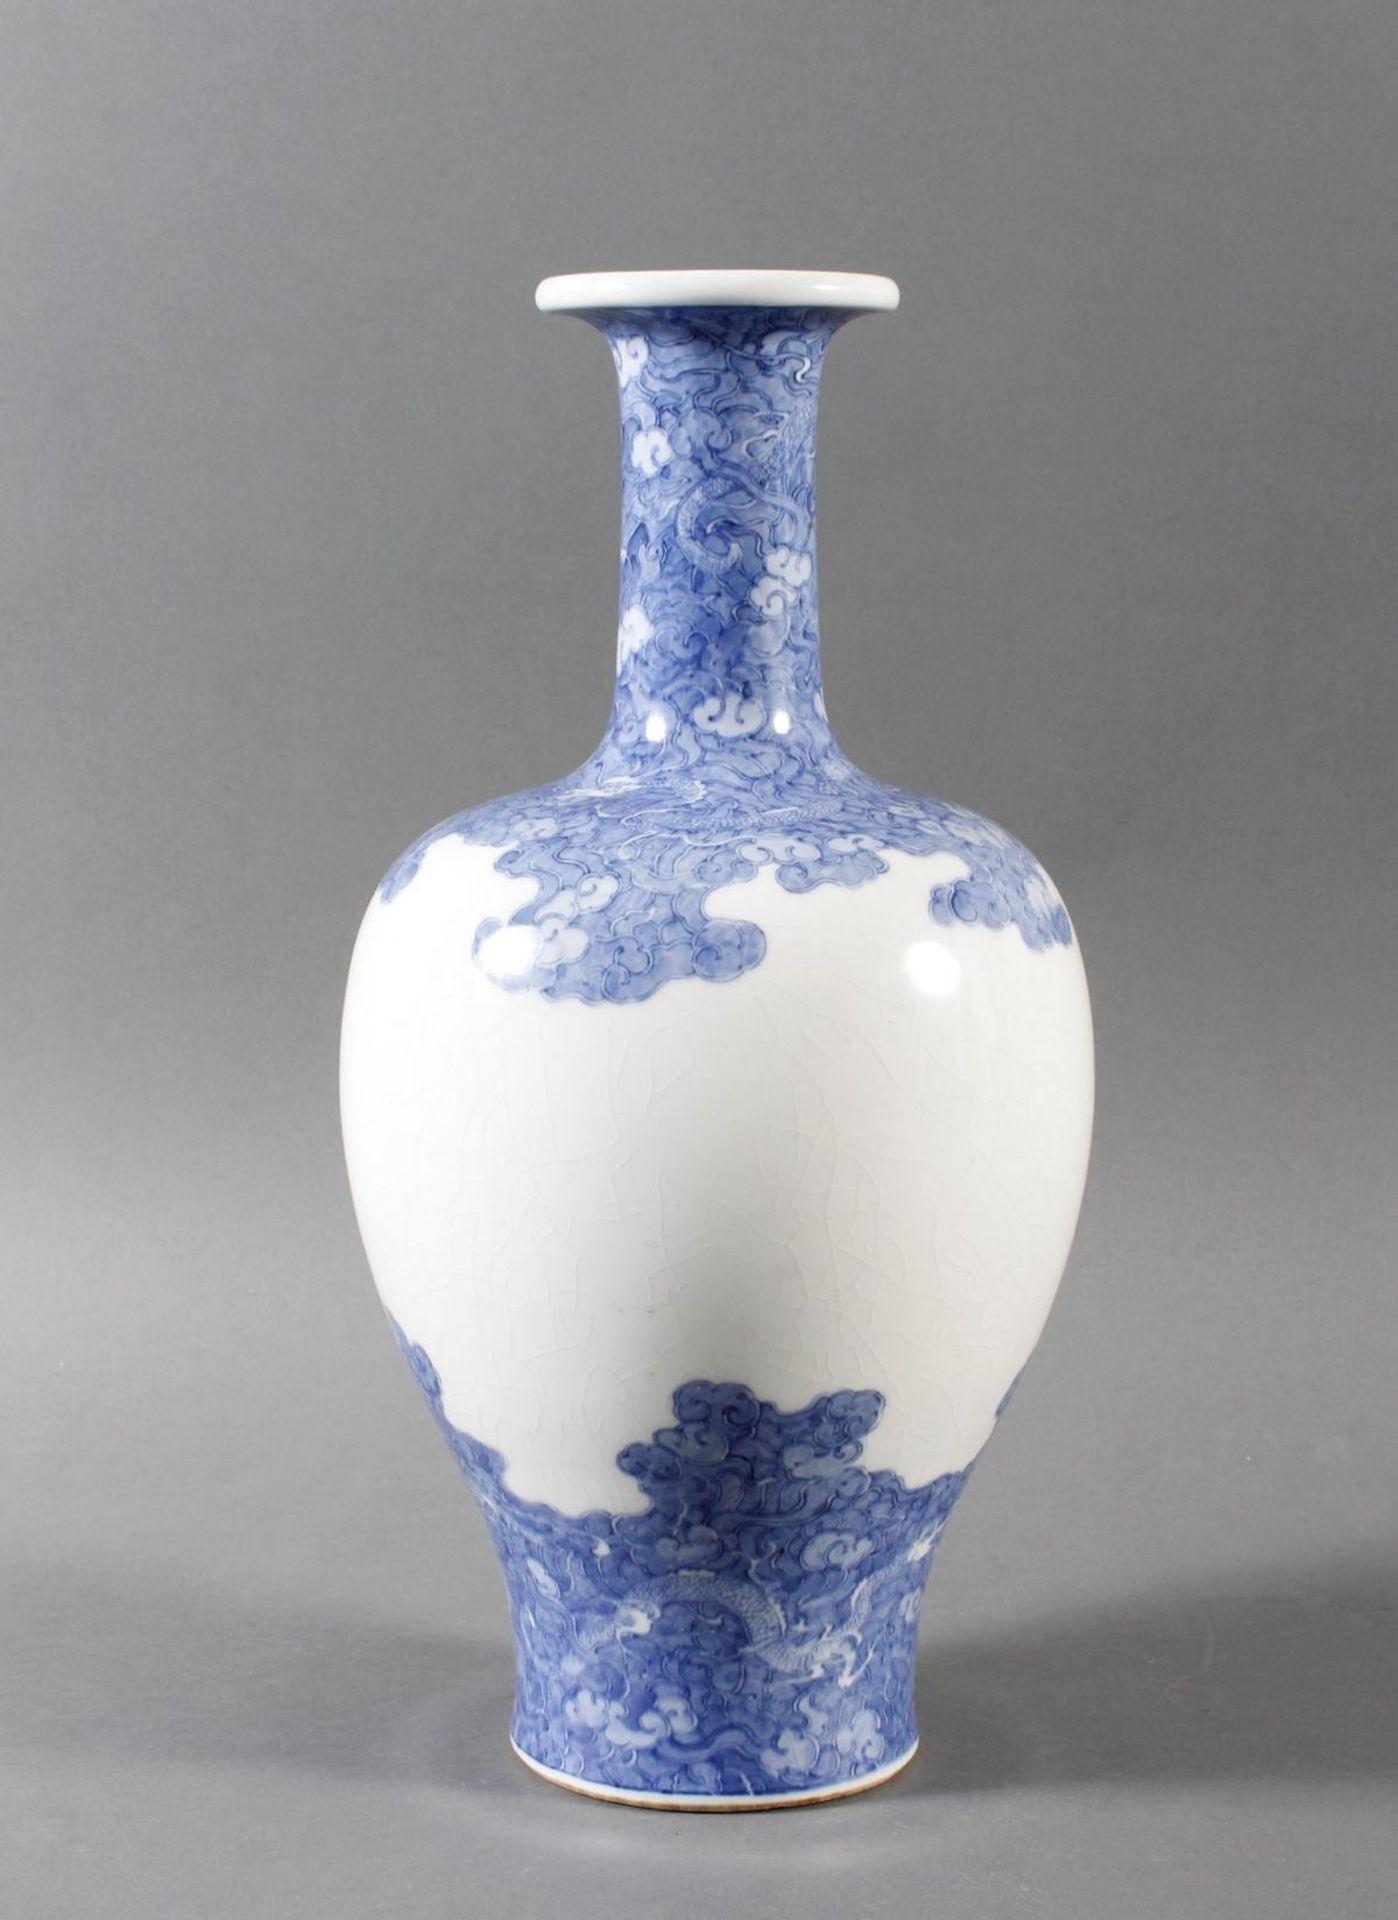 Porzellanvase mit feiner Blauweiß-Bemalung, Fliegender Drache in den Wolken